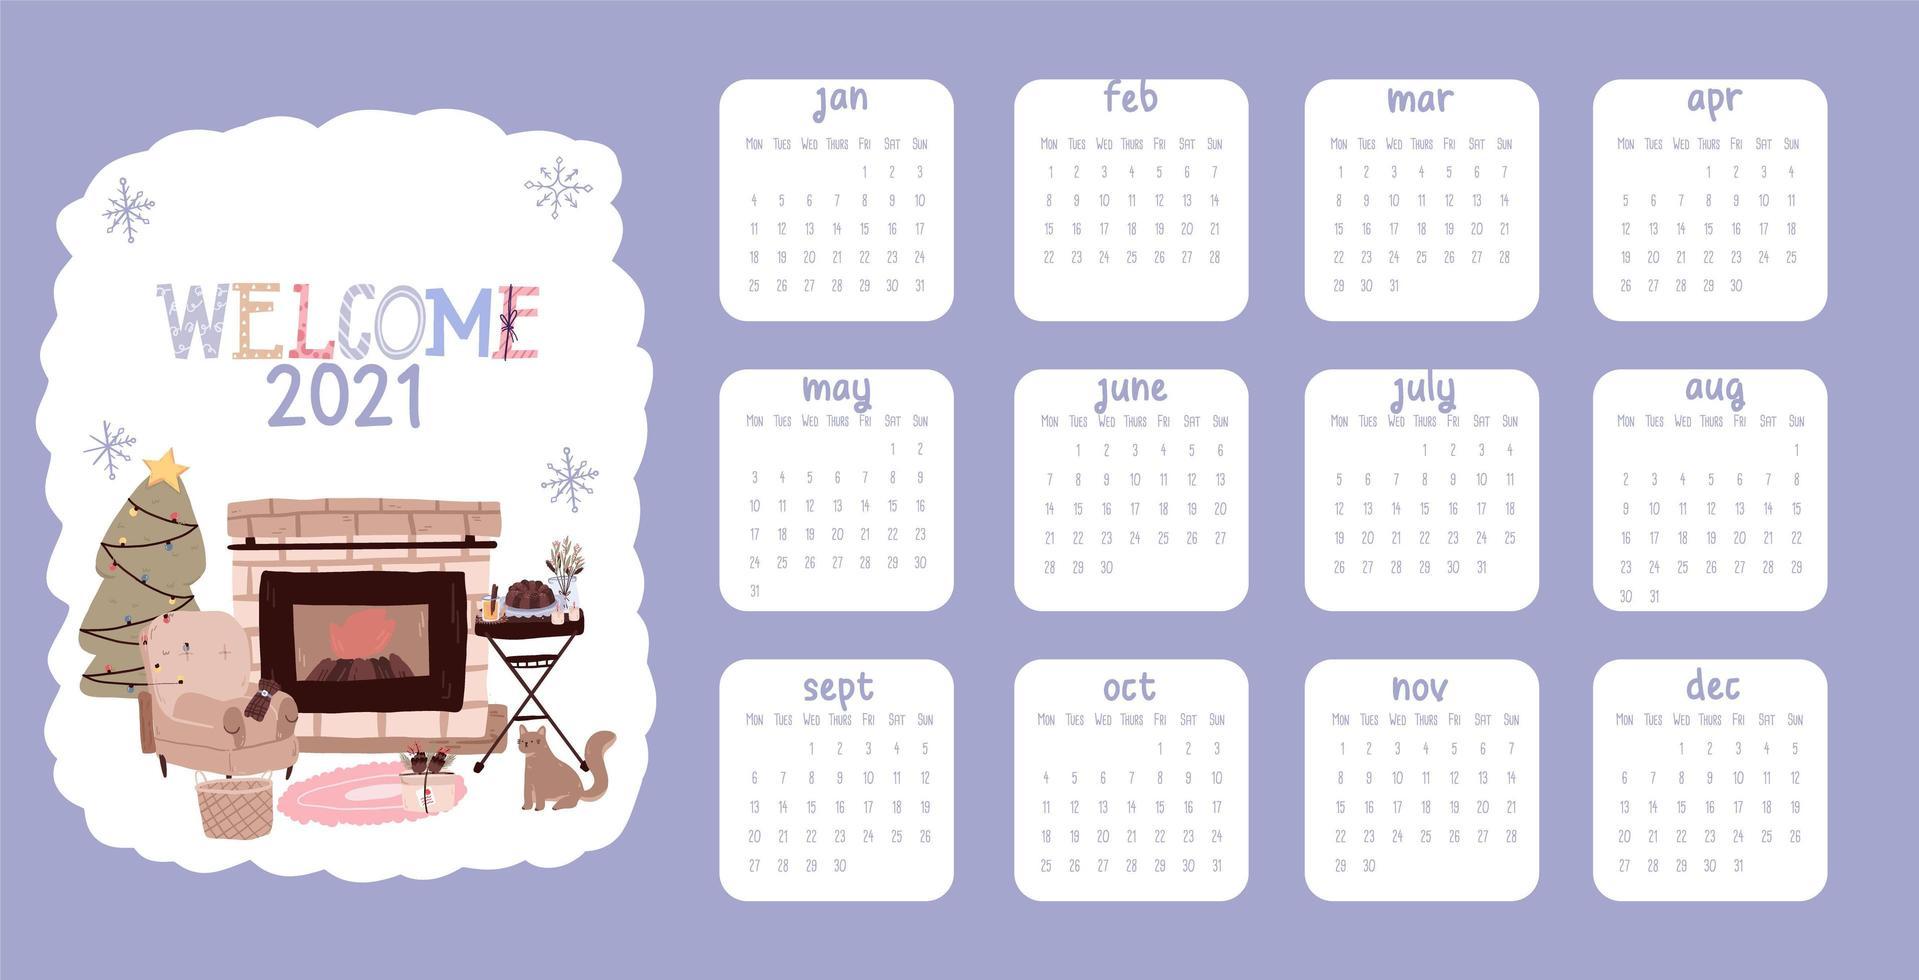 Natale 2021 Calendario.Calendario Natale 2021 1642103 Scarica Immagini Vettoriali Gratis Grafica Vettoriale E Disegno Modelli